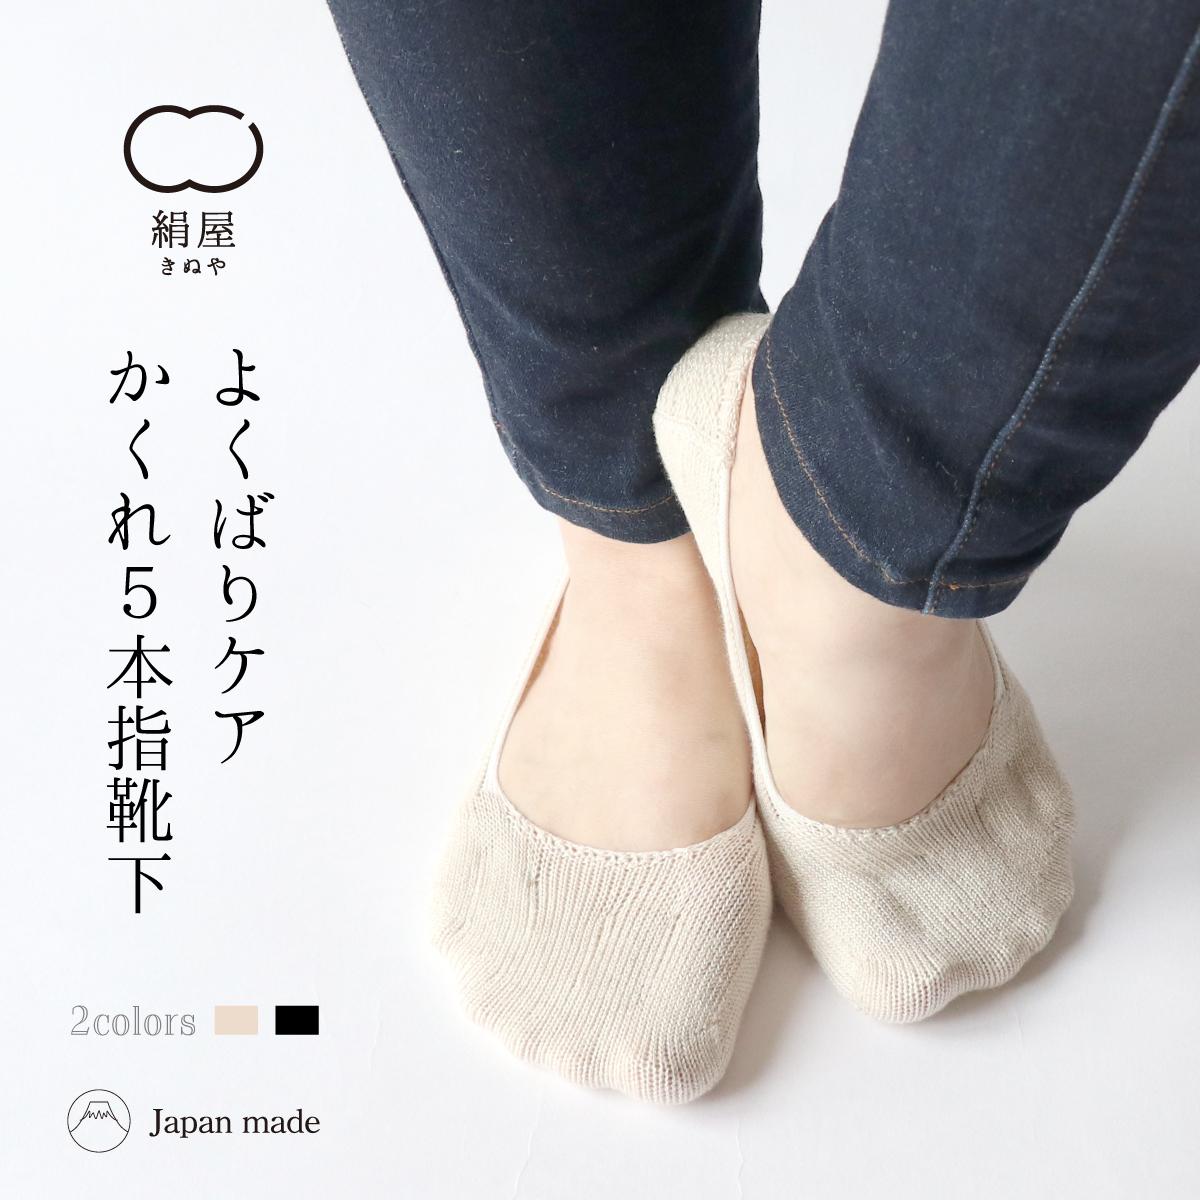 5本指靴下に見えない5本指靴下 汗が蒸れずに快適な履き心地です かくれ 5本指 靴下 レディース 女性用 誕生日/お祝い 贈答 くつした 絹屋 敬老の日 日本製 冷え取り ギフト フットカバー ソックス